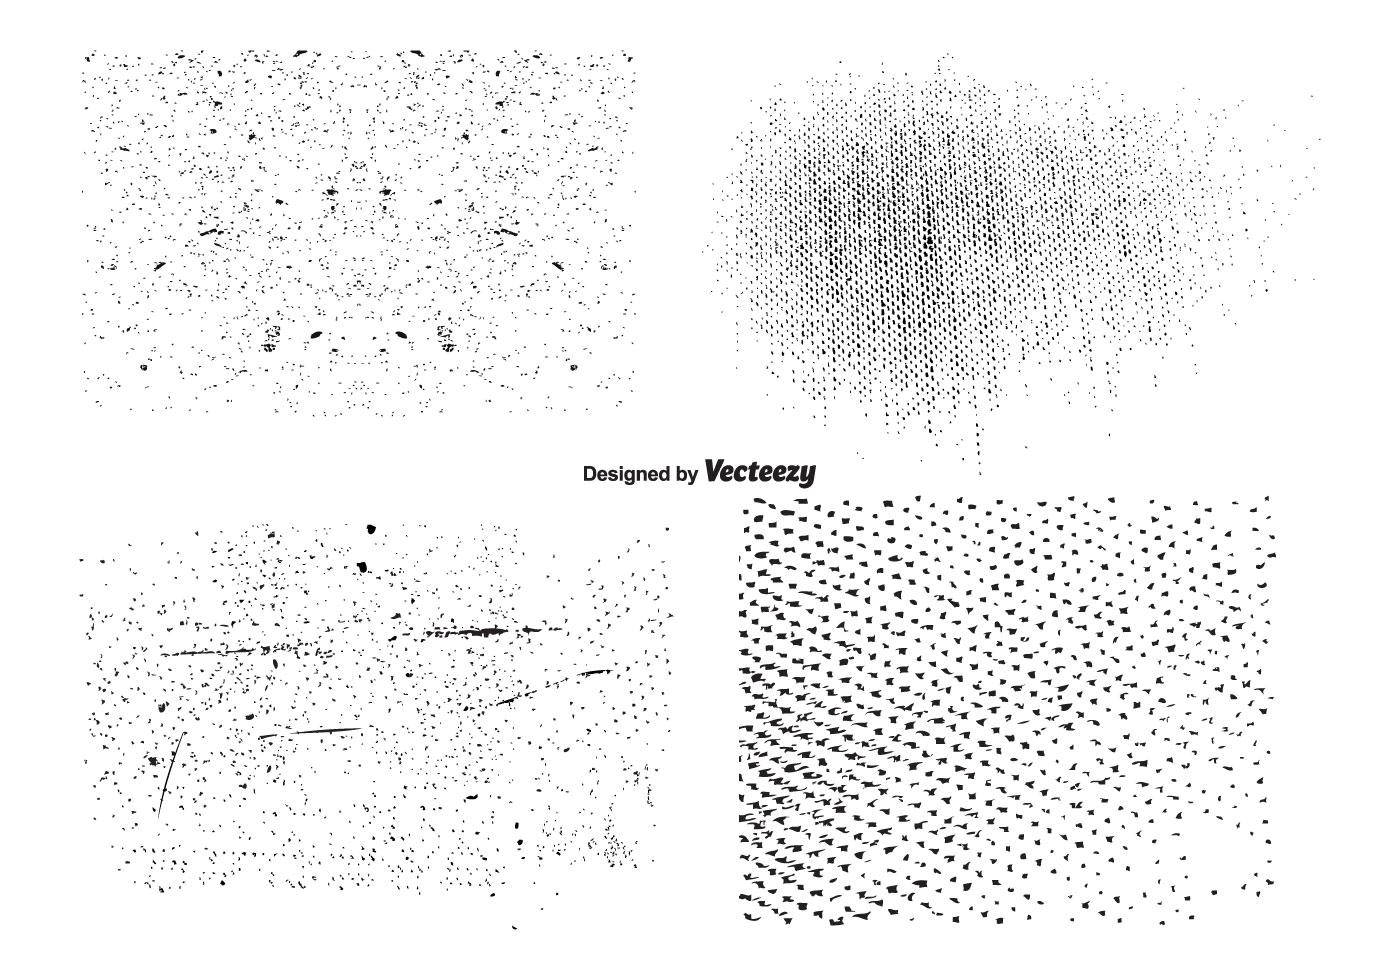 vector grunge texture set download free vector art